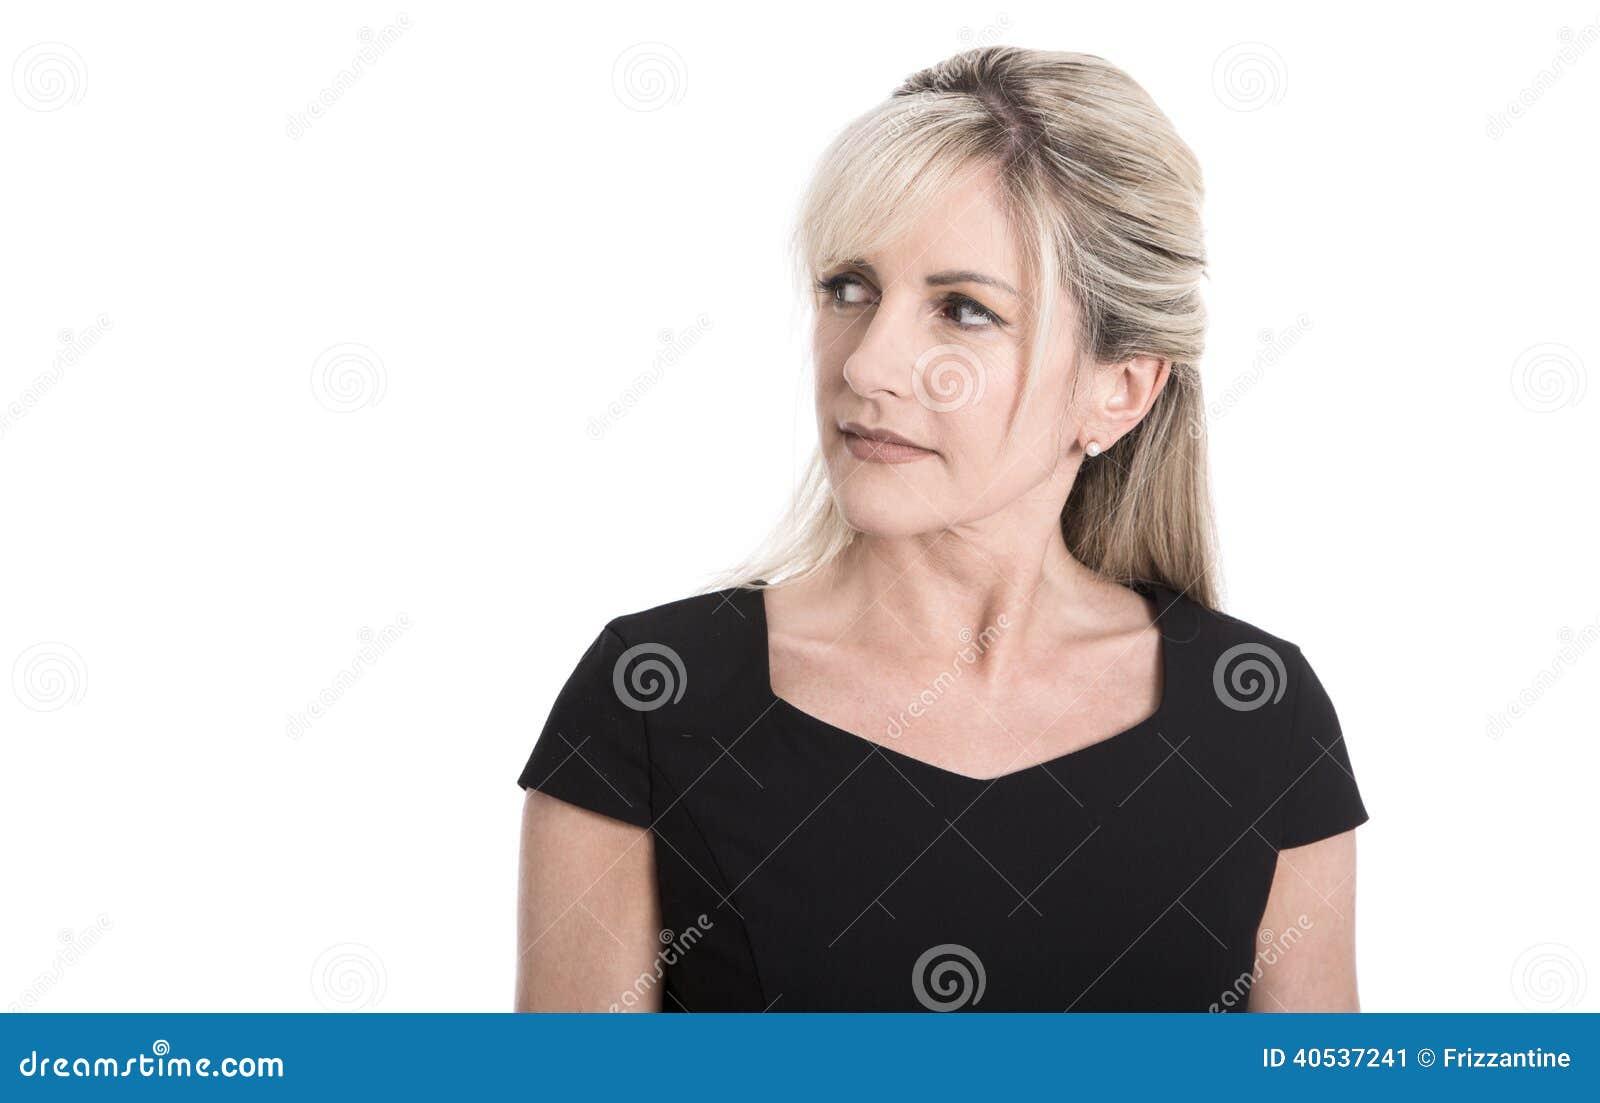 Скептичная сторона пожилой привлекательной белокурой коммерсантки